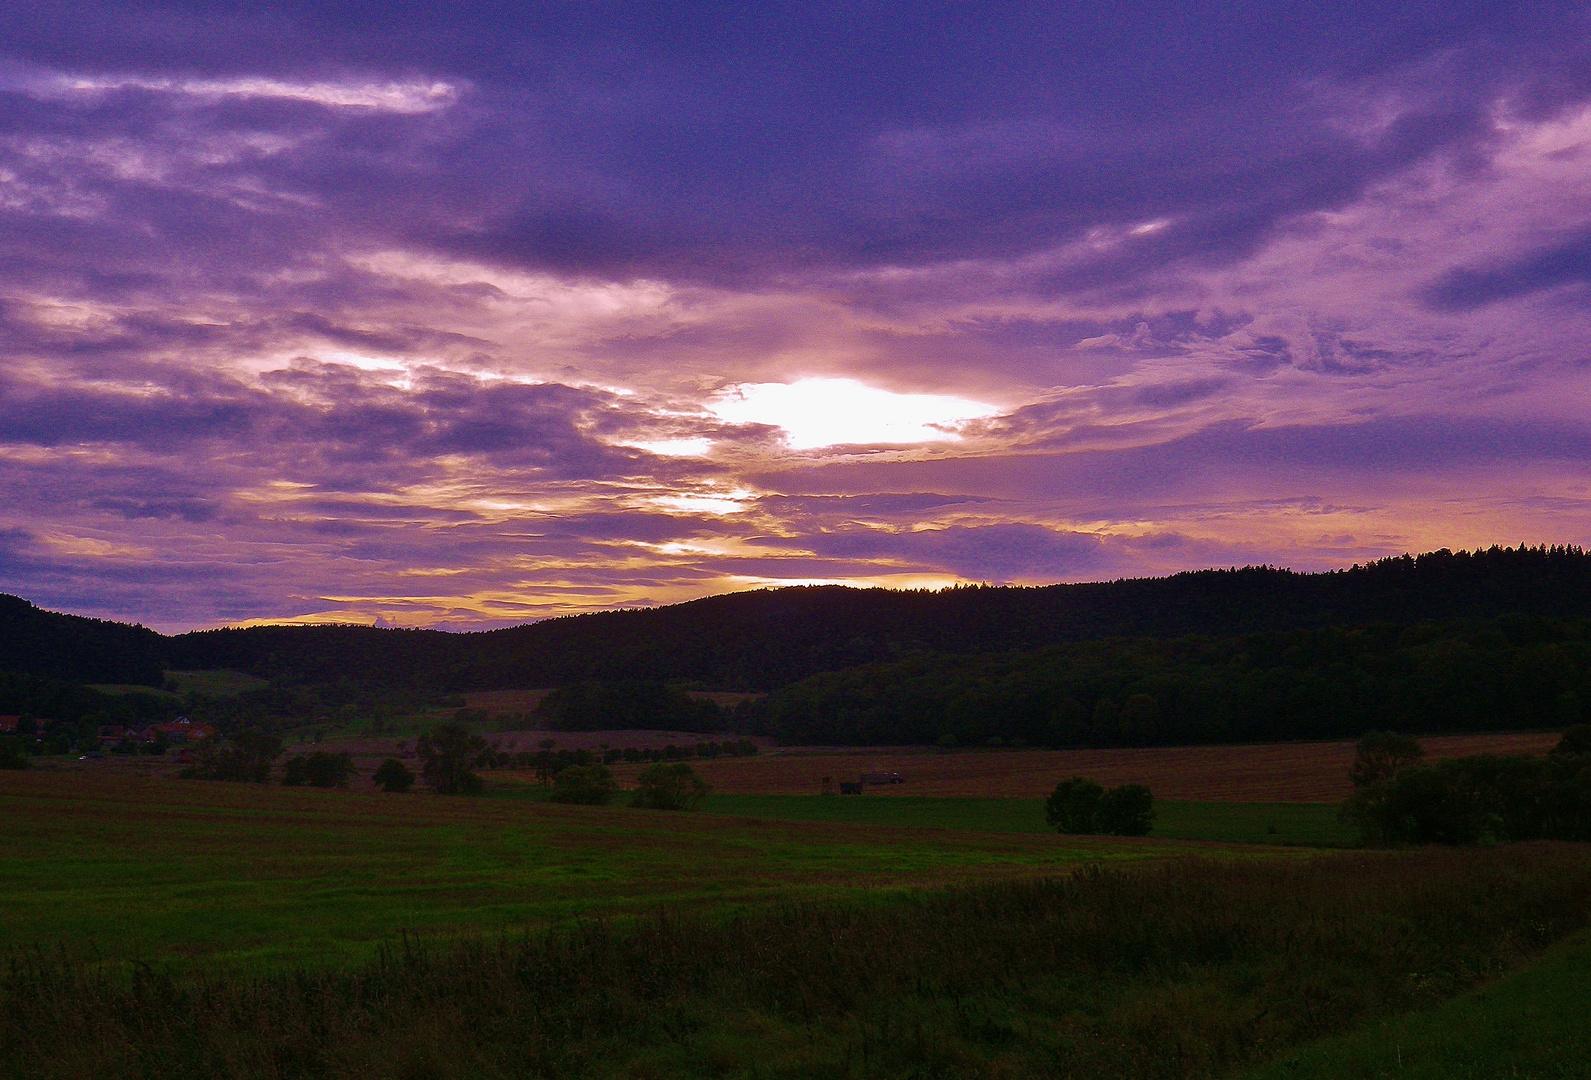 abendliche Wolkestimmung in den Reinsbergen (Thüringen)